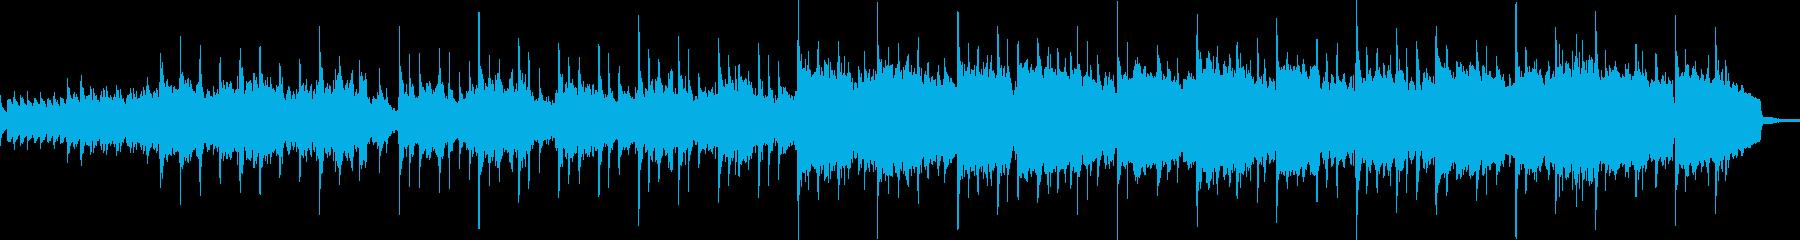 美しいピアノトラック(短縮版)の再生済みの波形